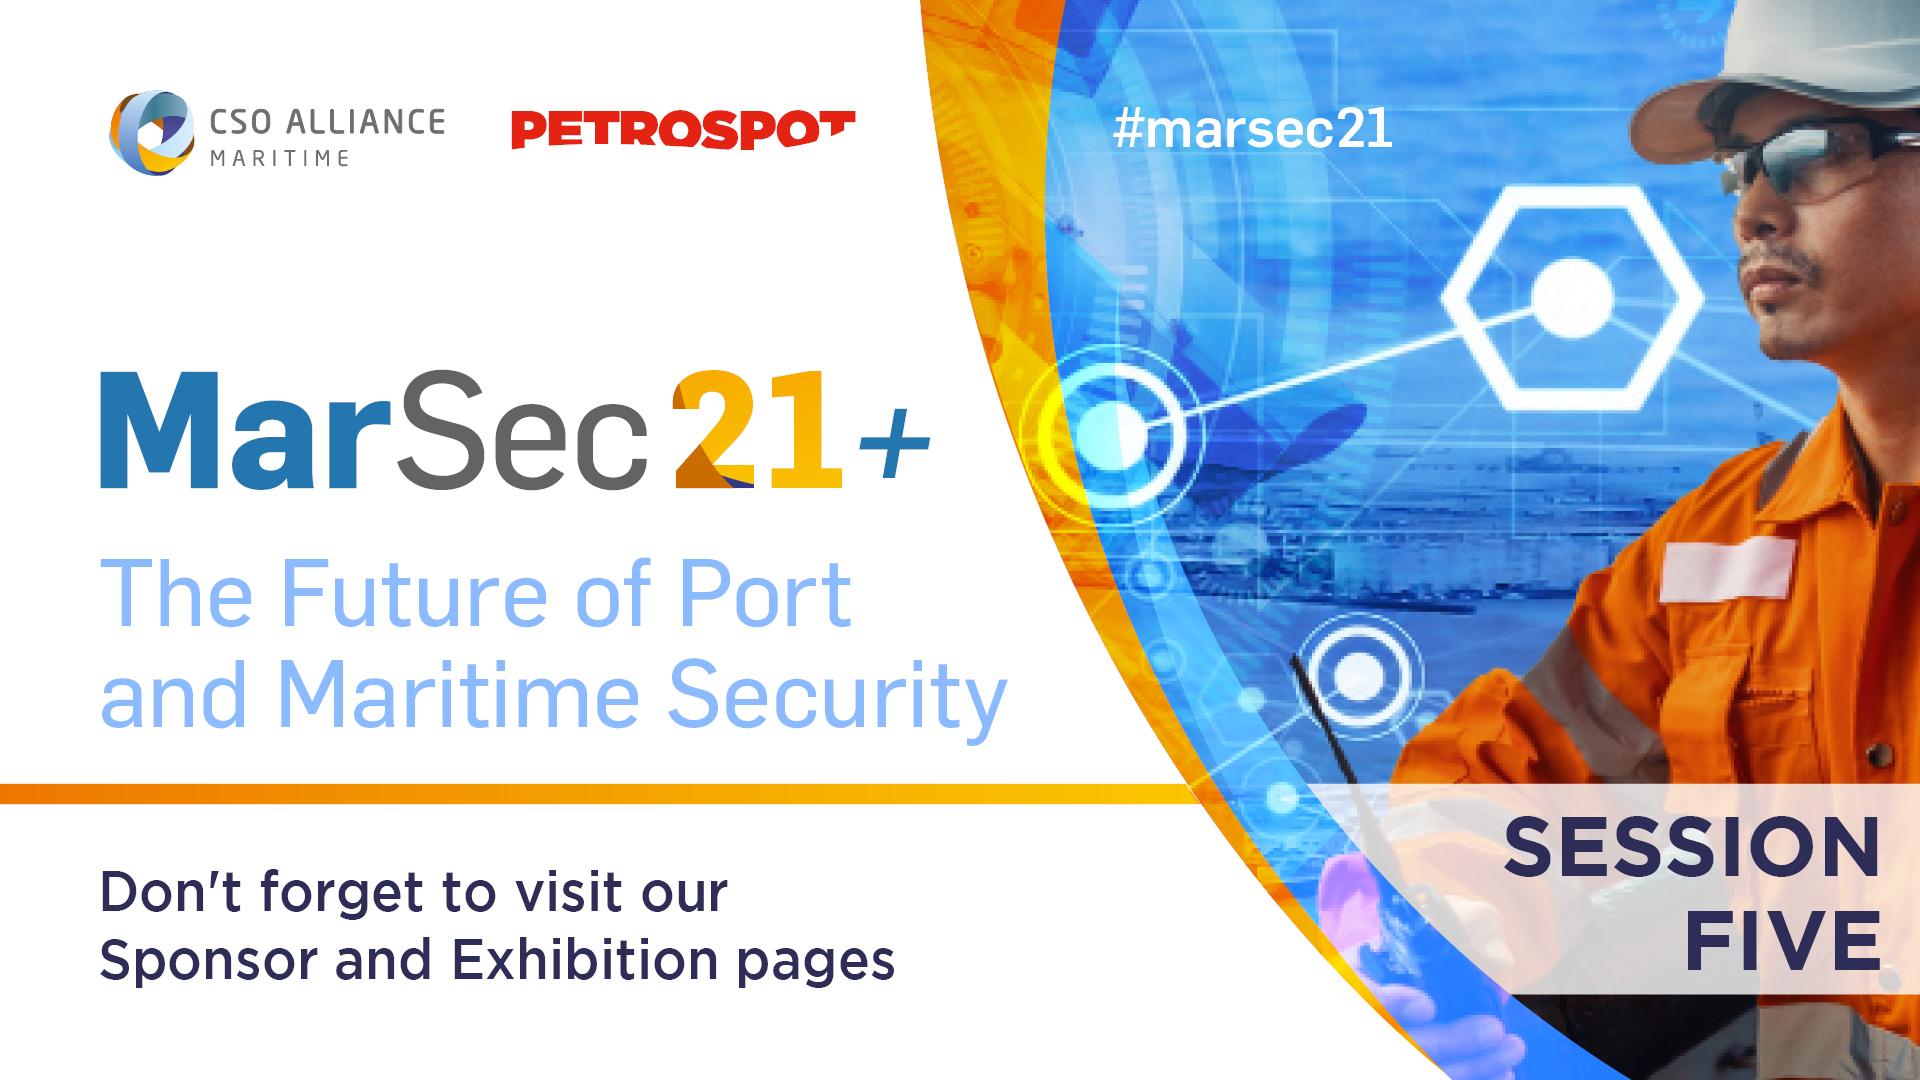 MarSec 21+ Session 5: Gulf of Guinea